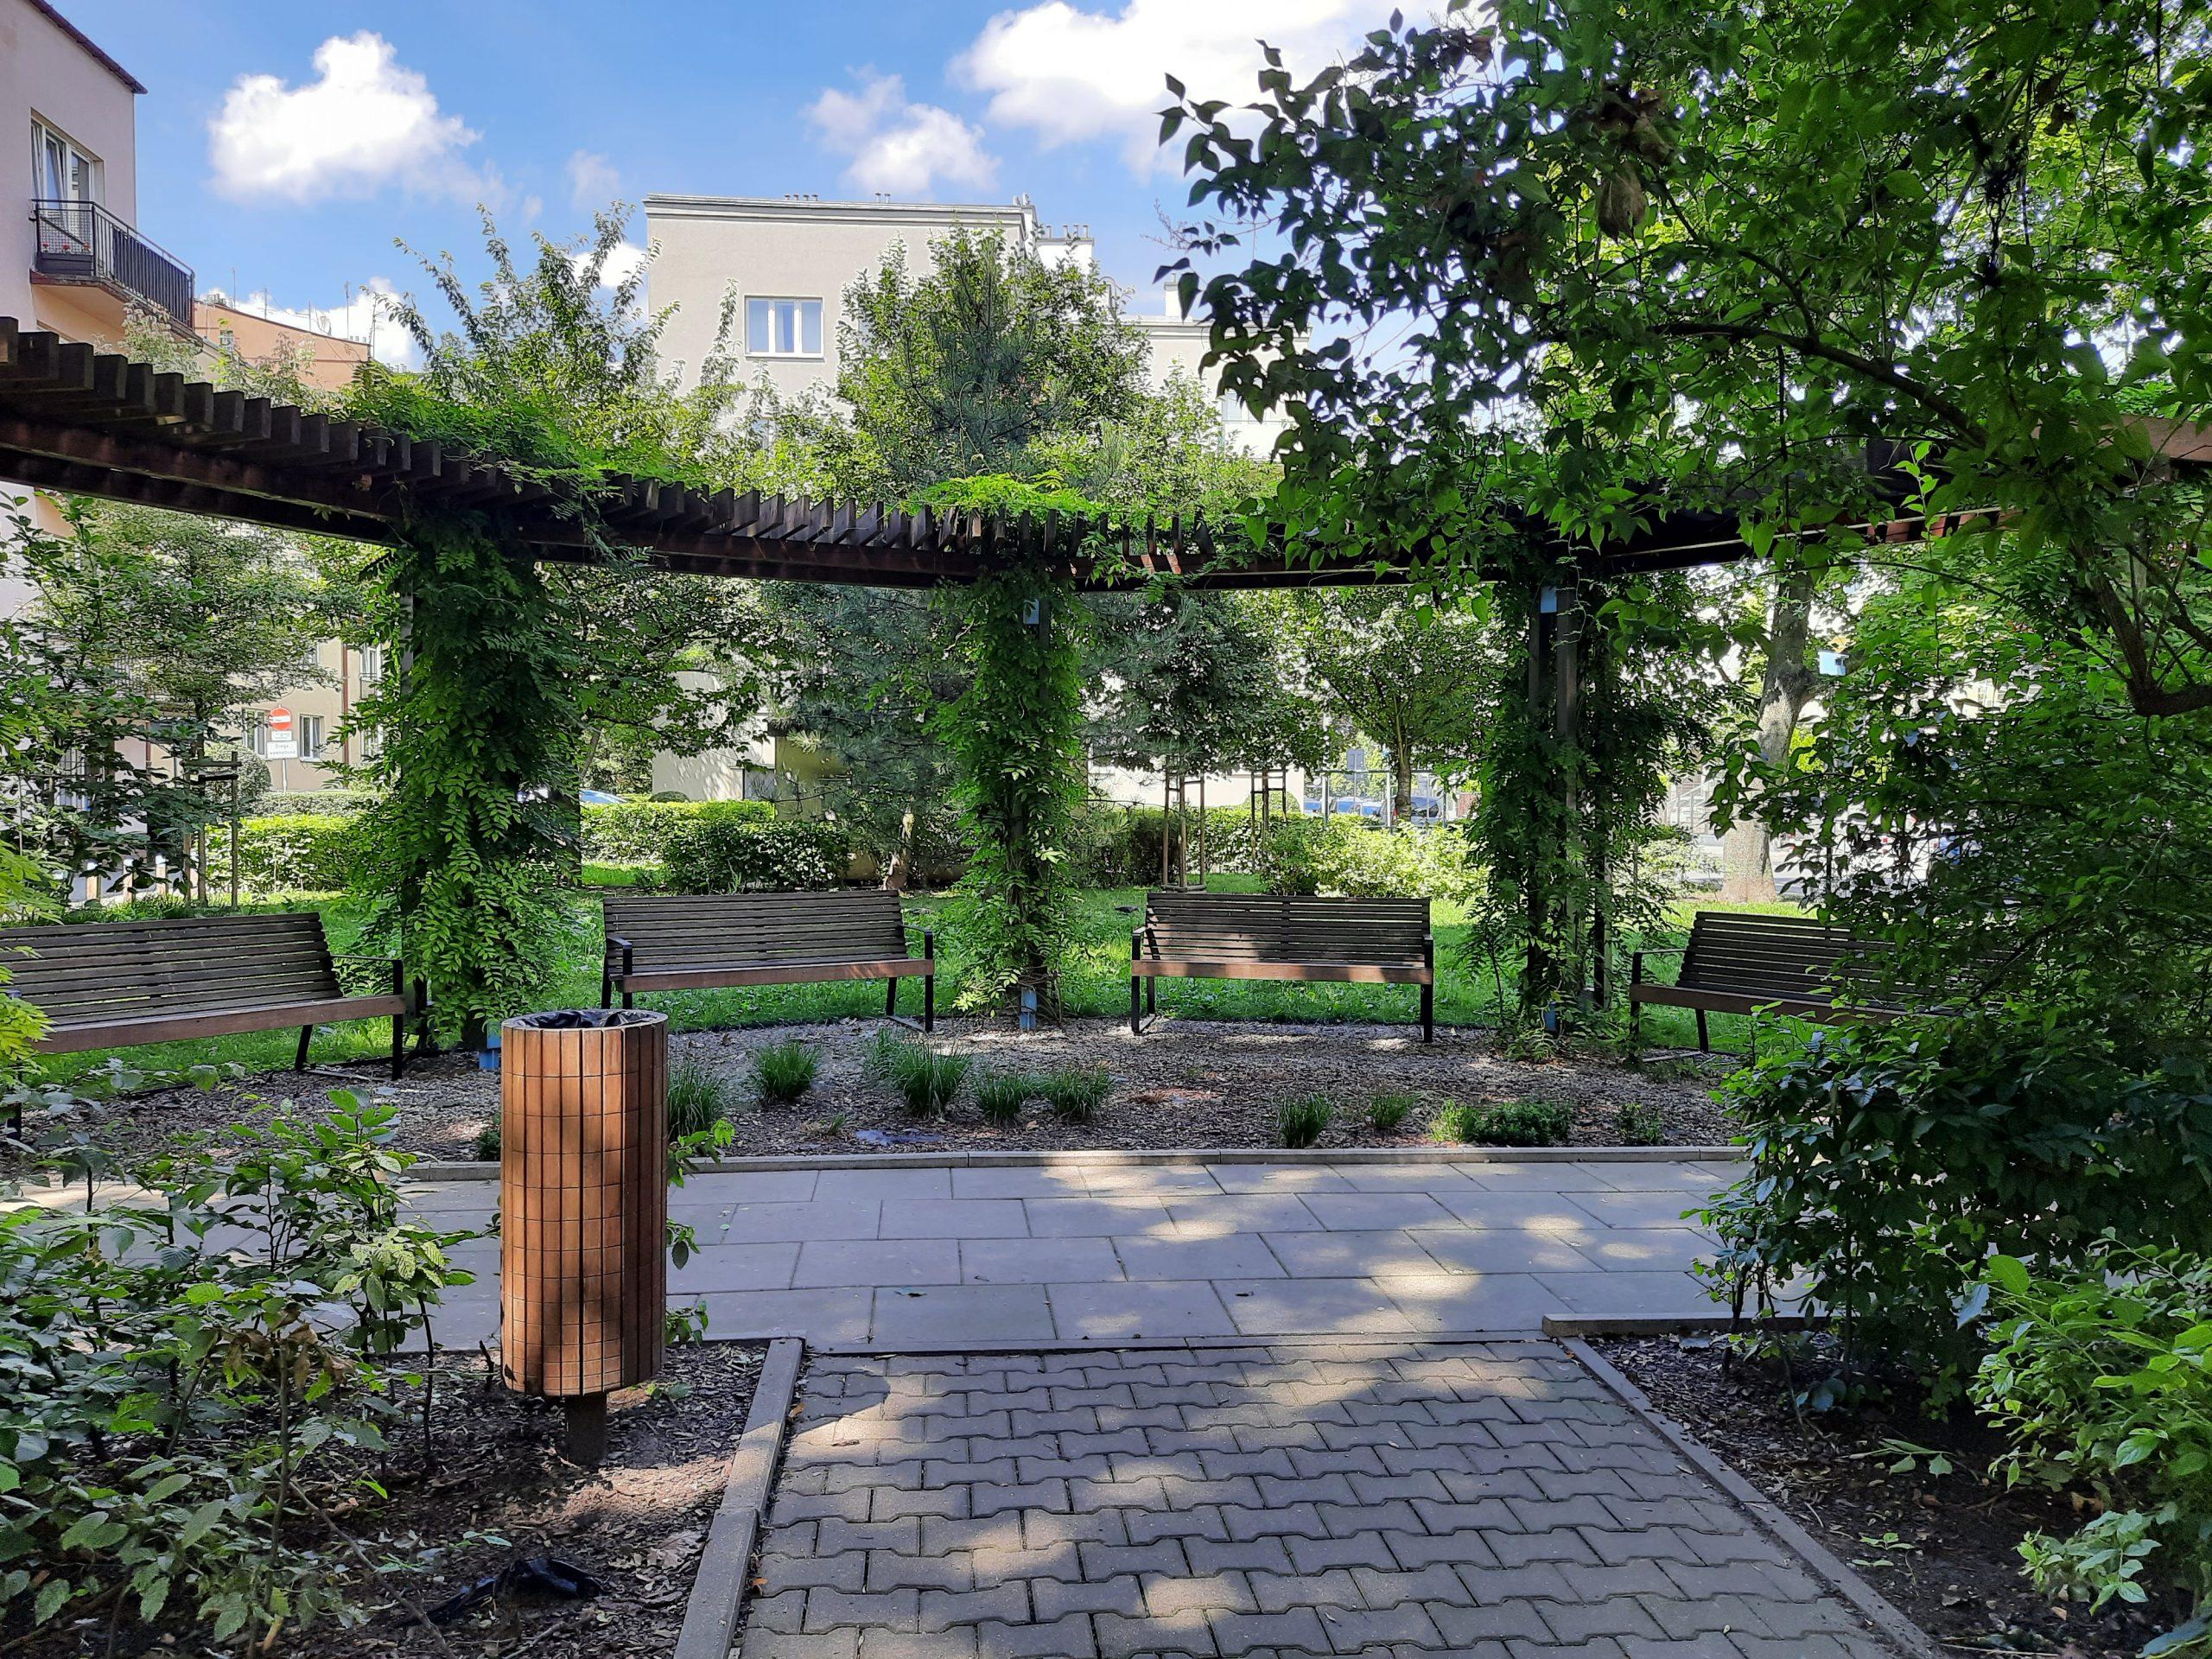 Artystyczny Ogród Krakowian, ul. Fałata